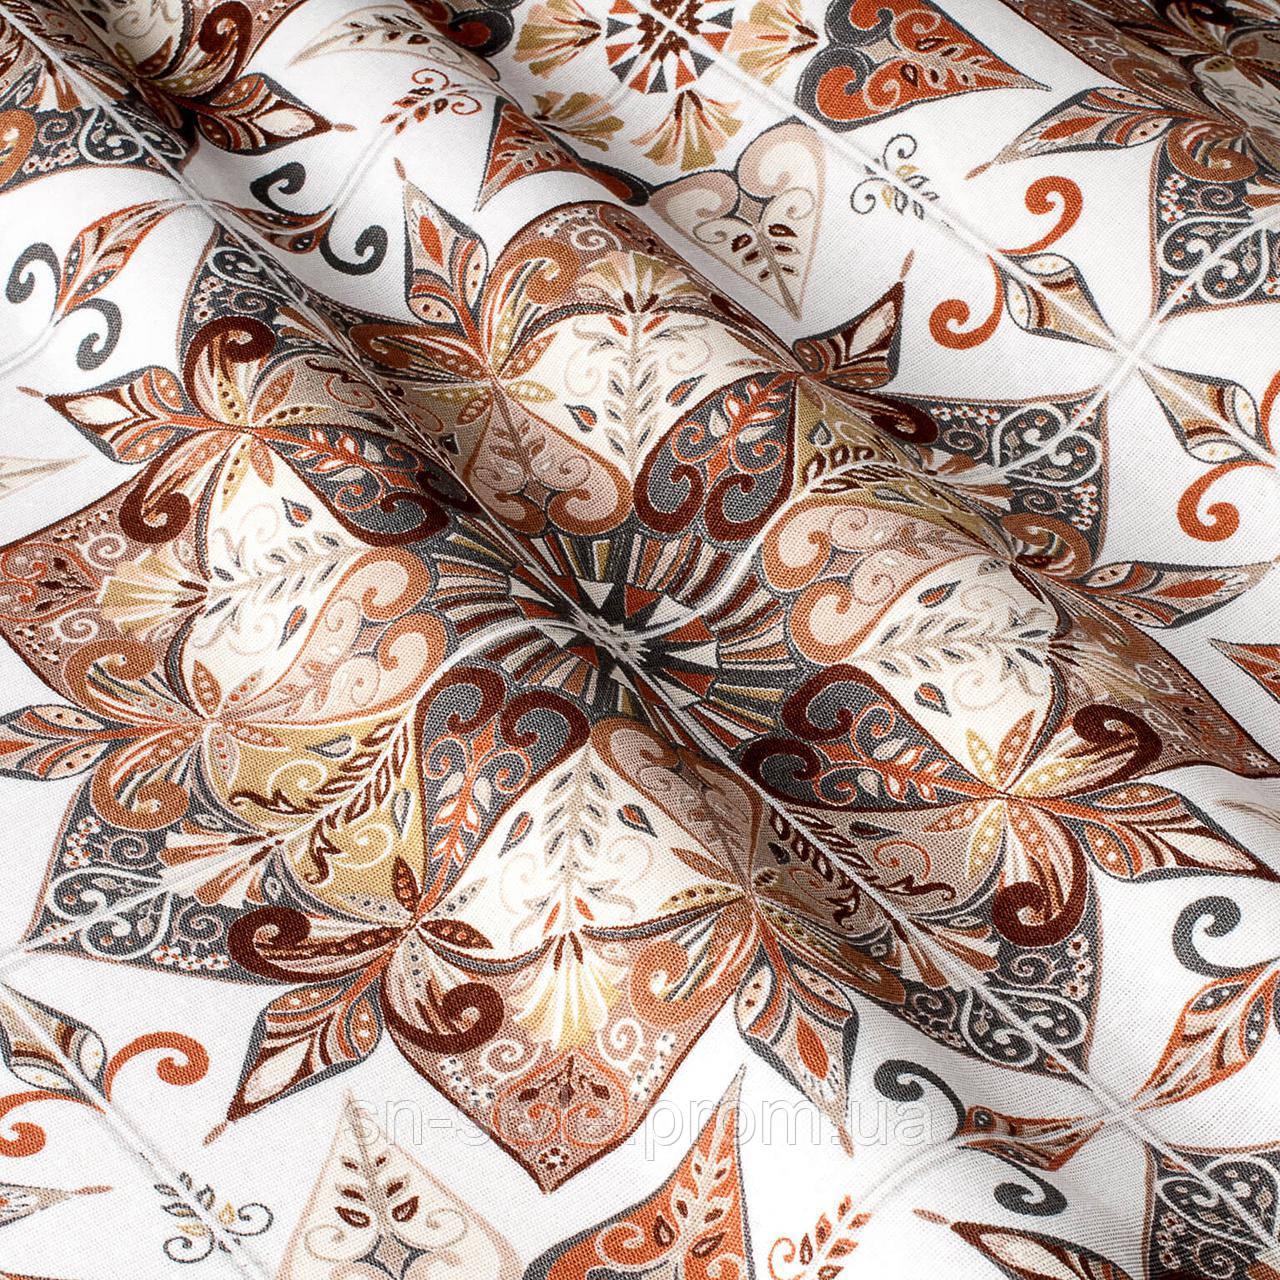 Ткань для мебели челябинск купить купить ткань для перетяжки салона автомобиля в туле